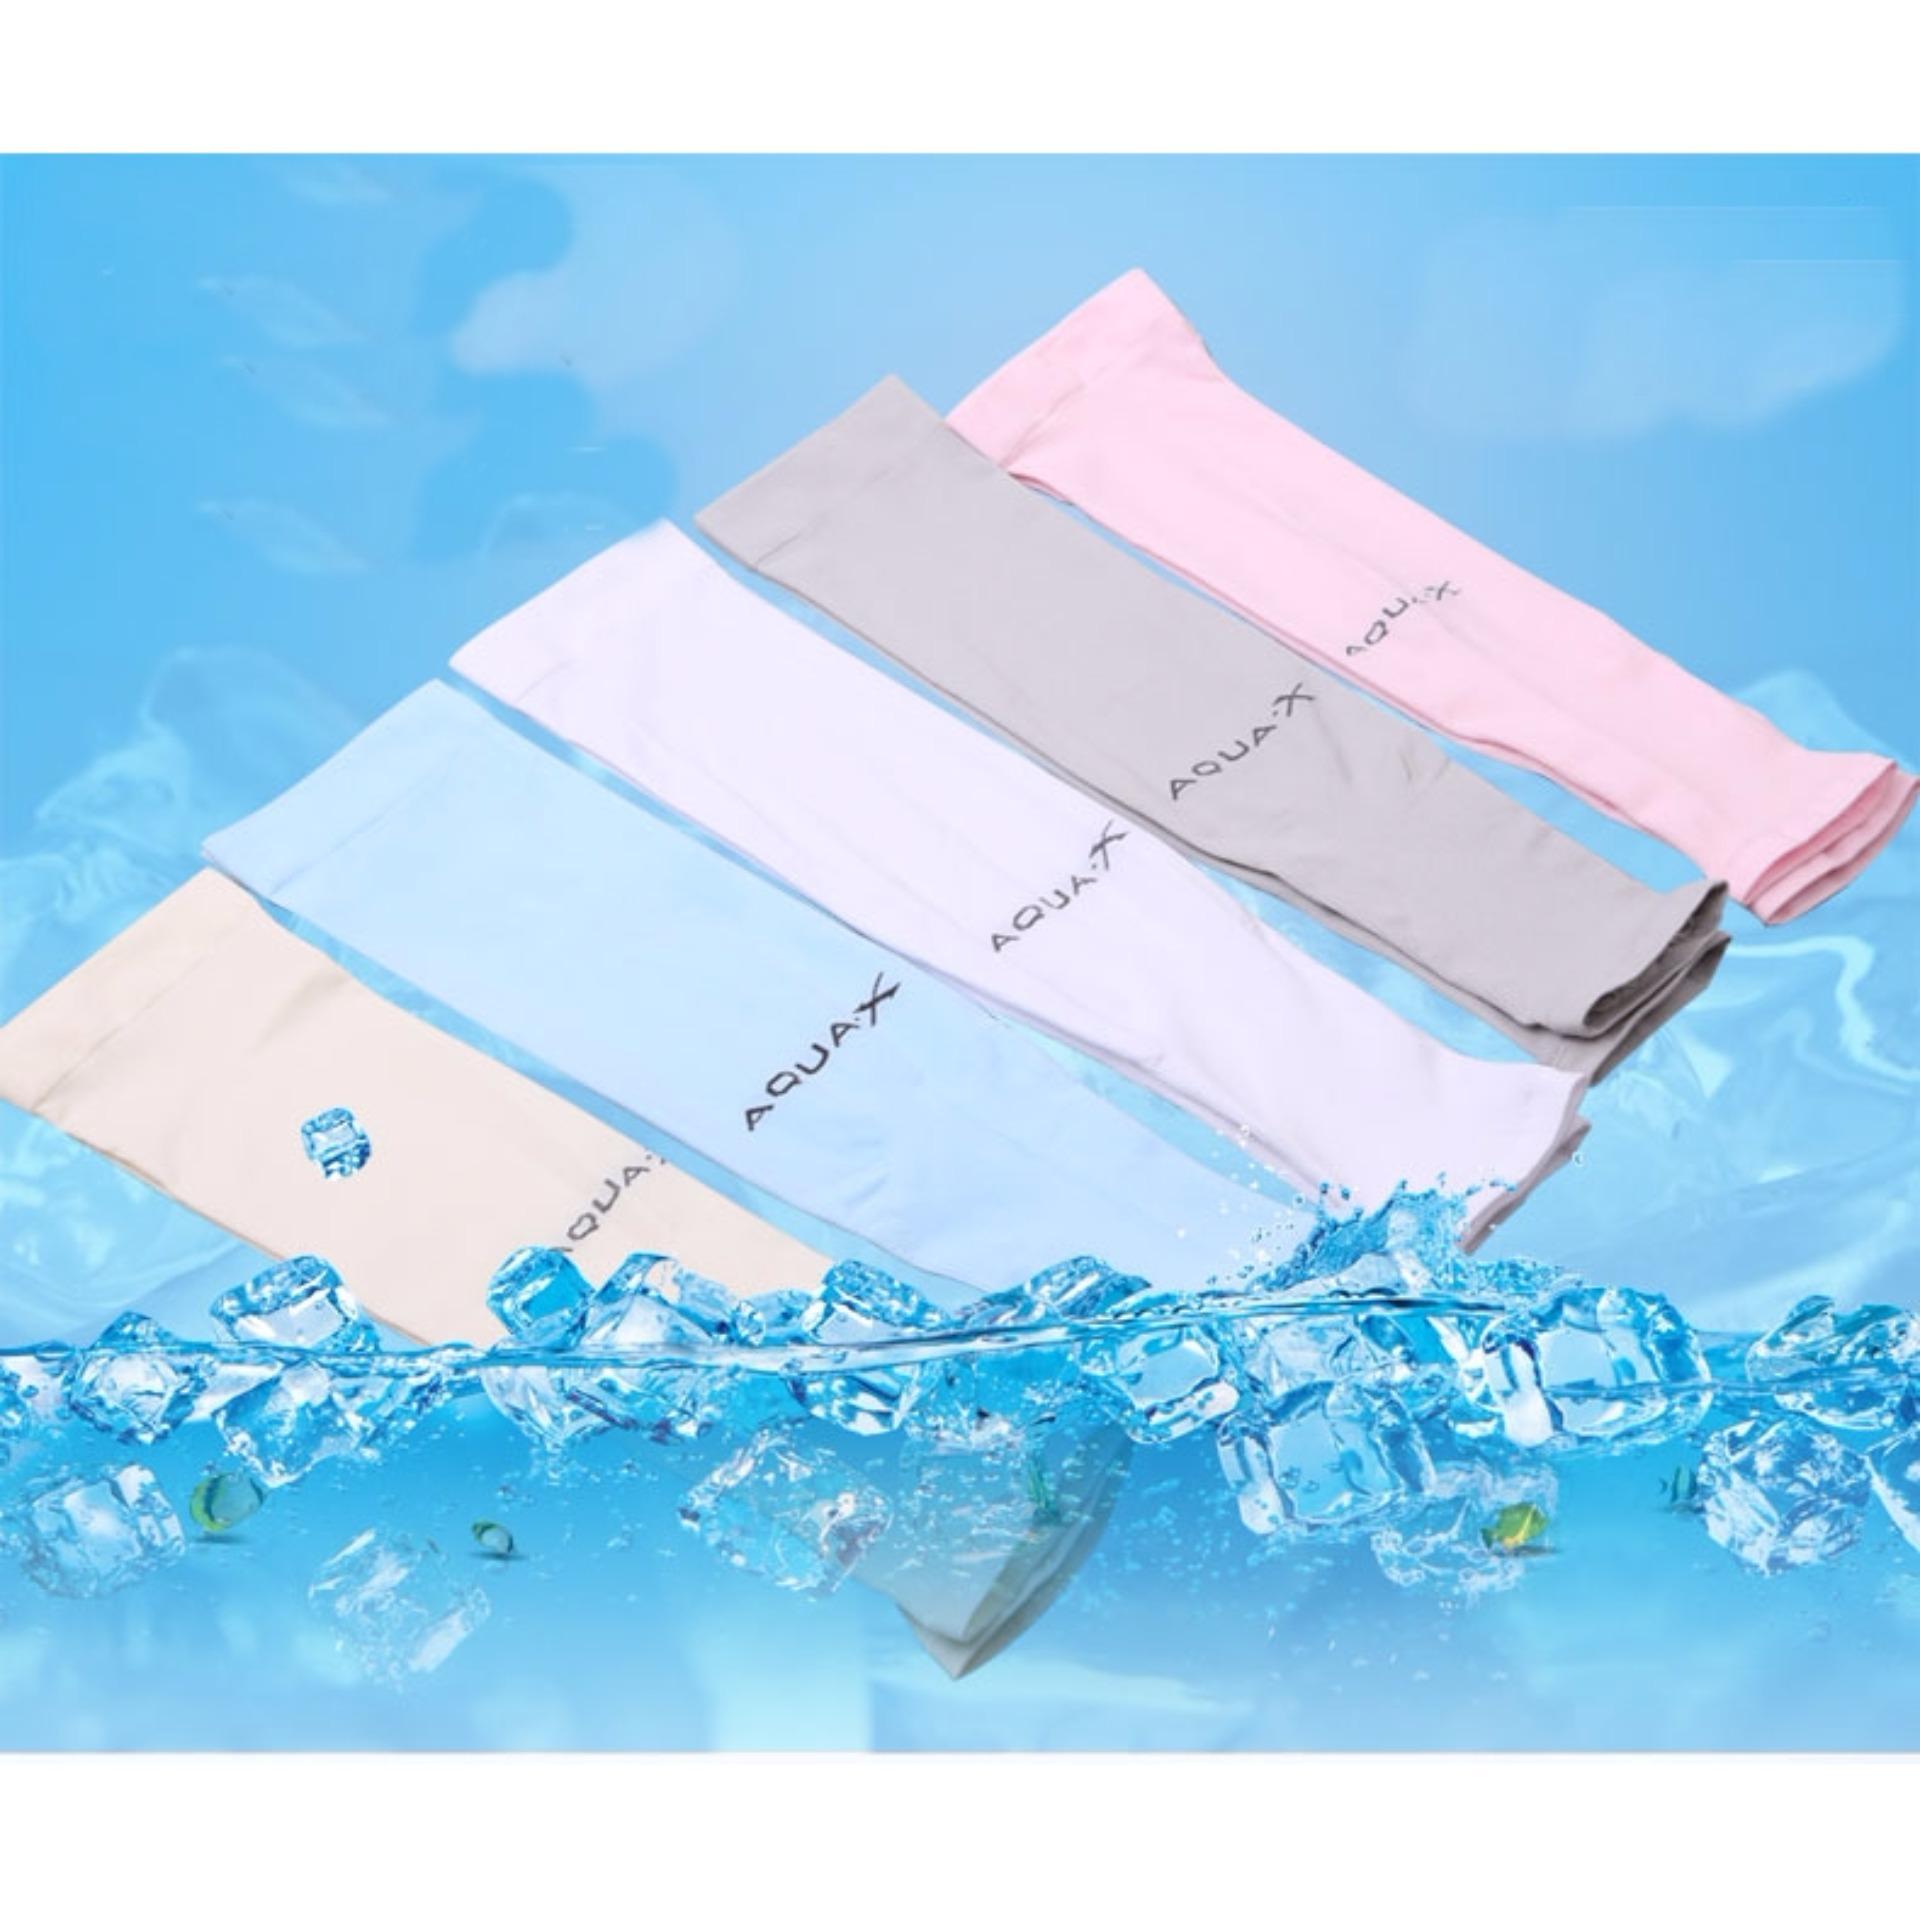 Bộ Găng tay AQUAX chống nắng, chống tia UV (Tím)